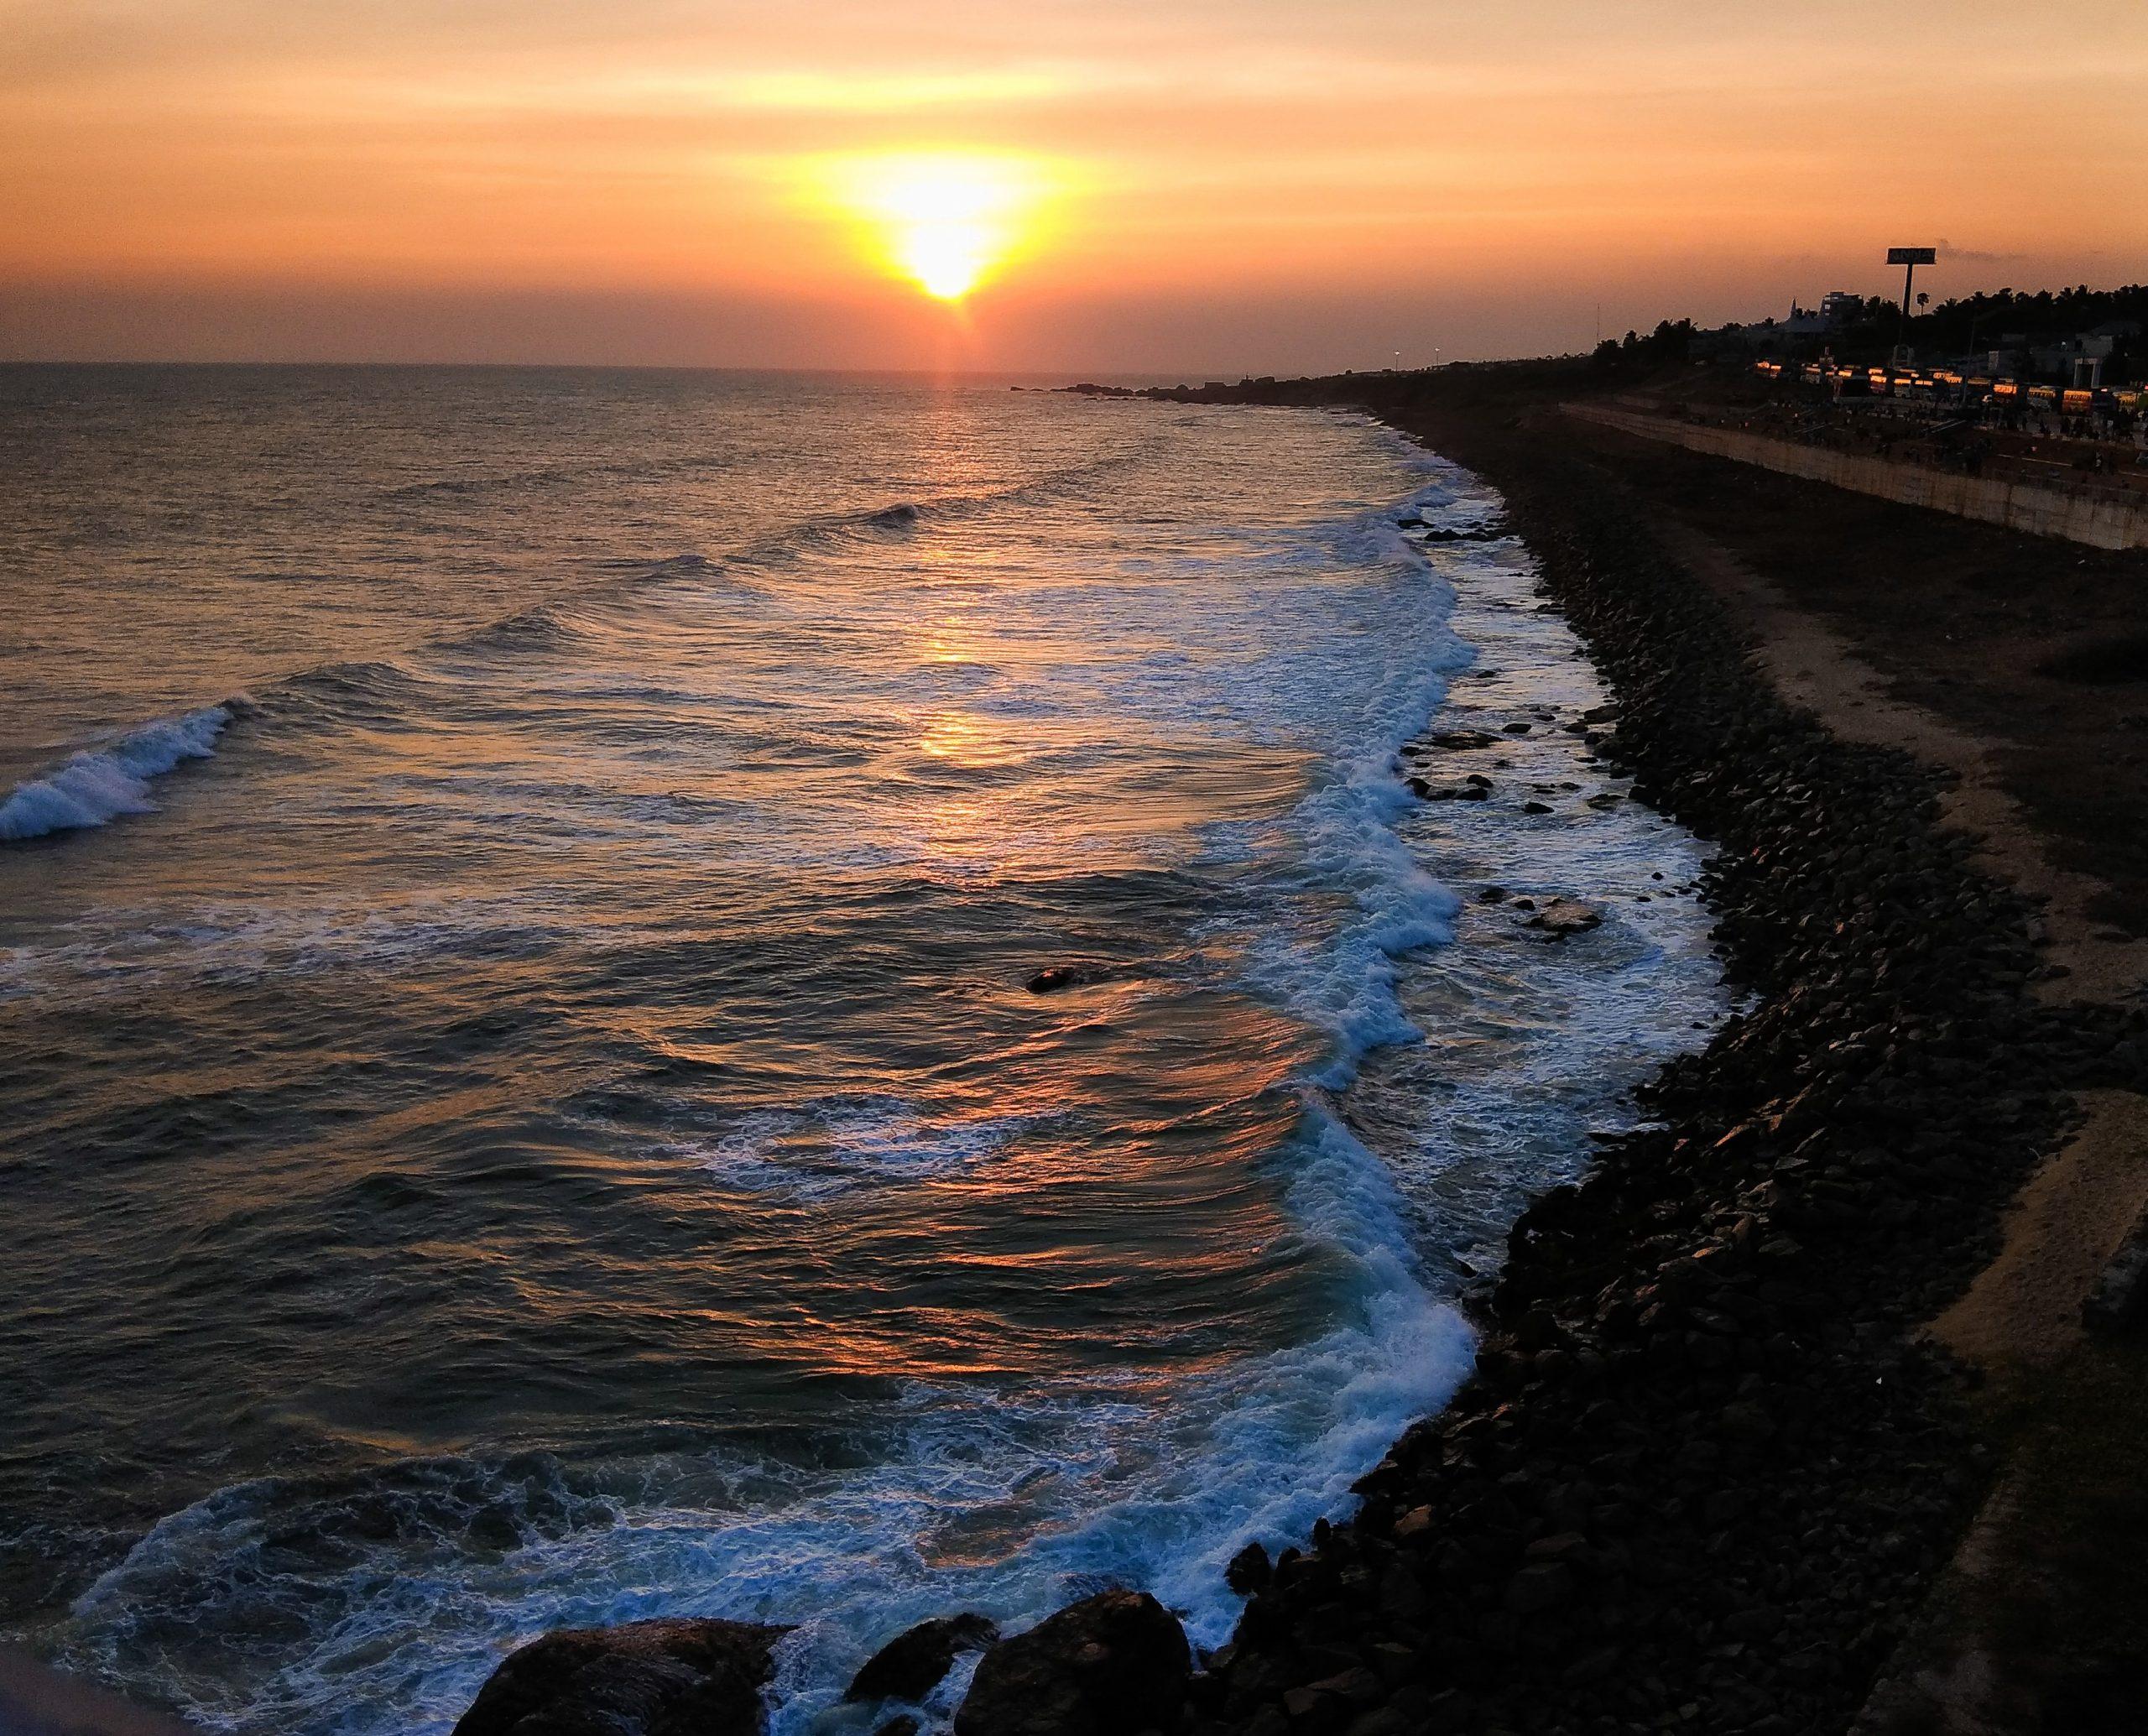 Kanyakumari Beach during sunset